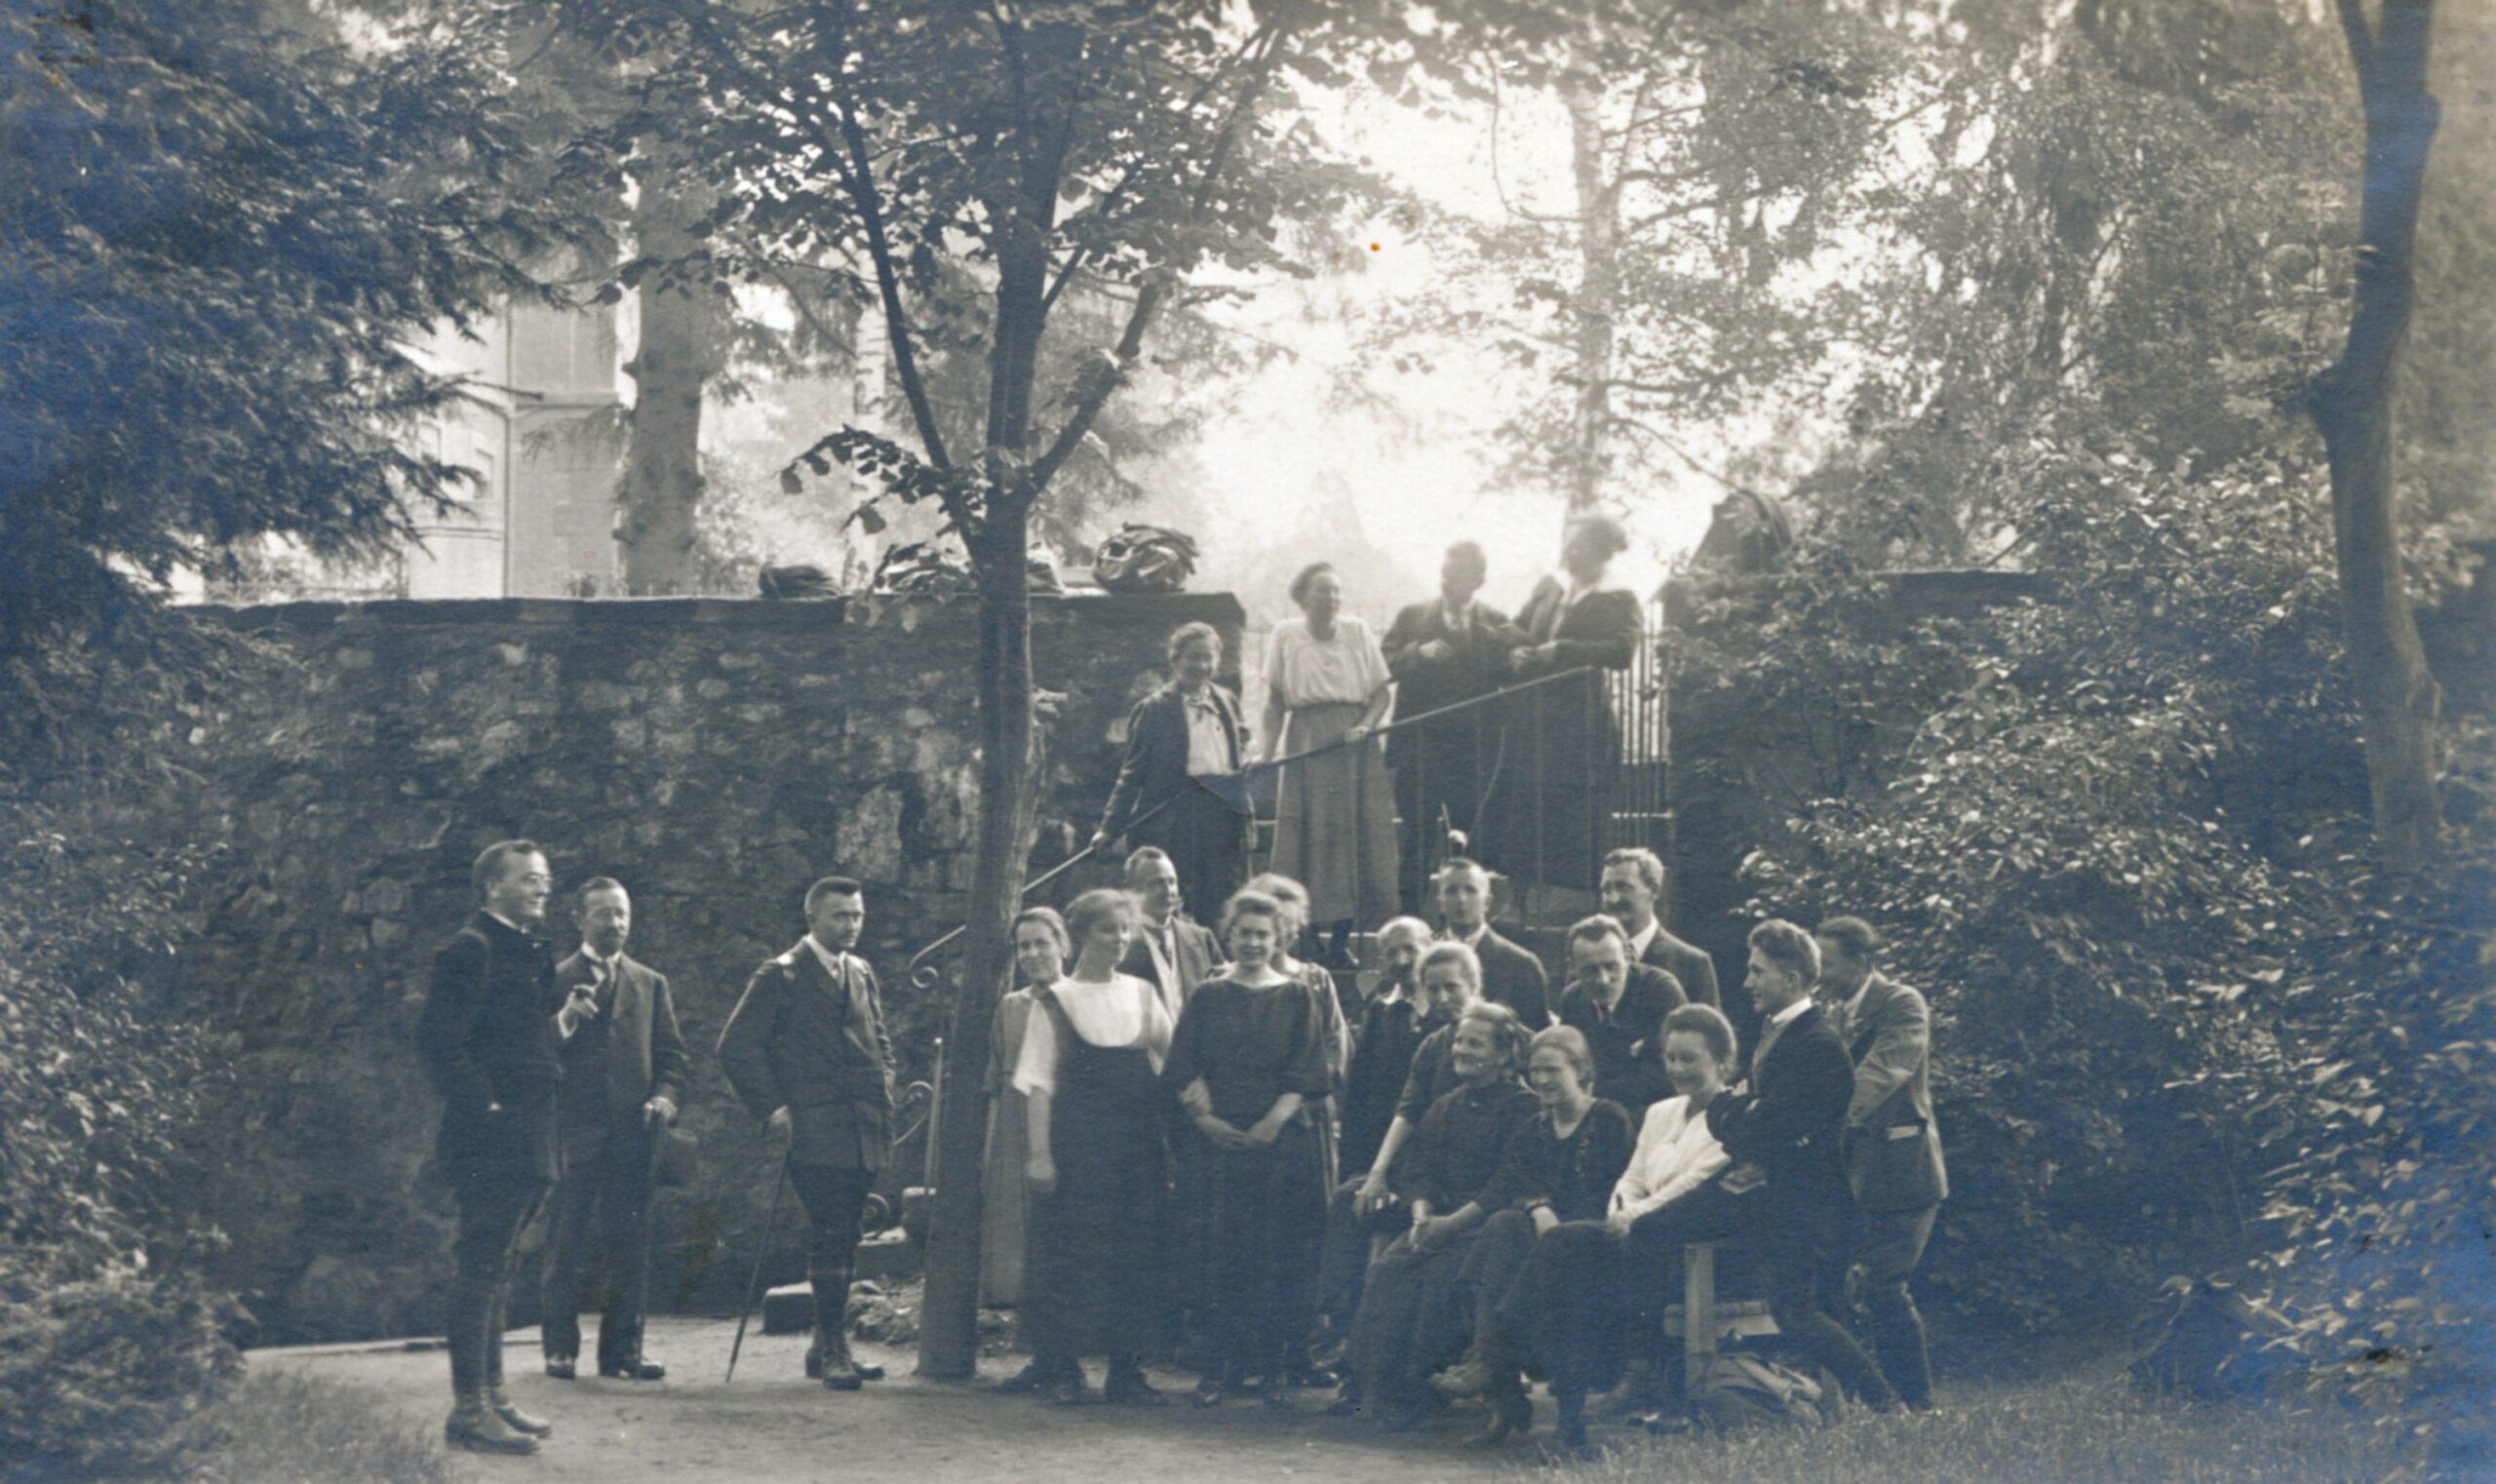 22 Personen in Freizeitkleidung stehen in entspannter Haltung vor und auf einer Treppe zu einem Gruppenfoto aufgestellt in einer parkählichen Umgebung.